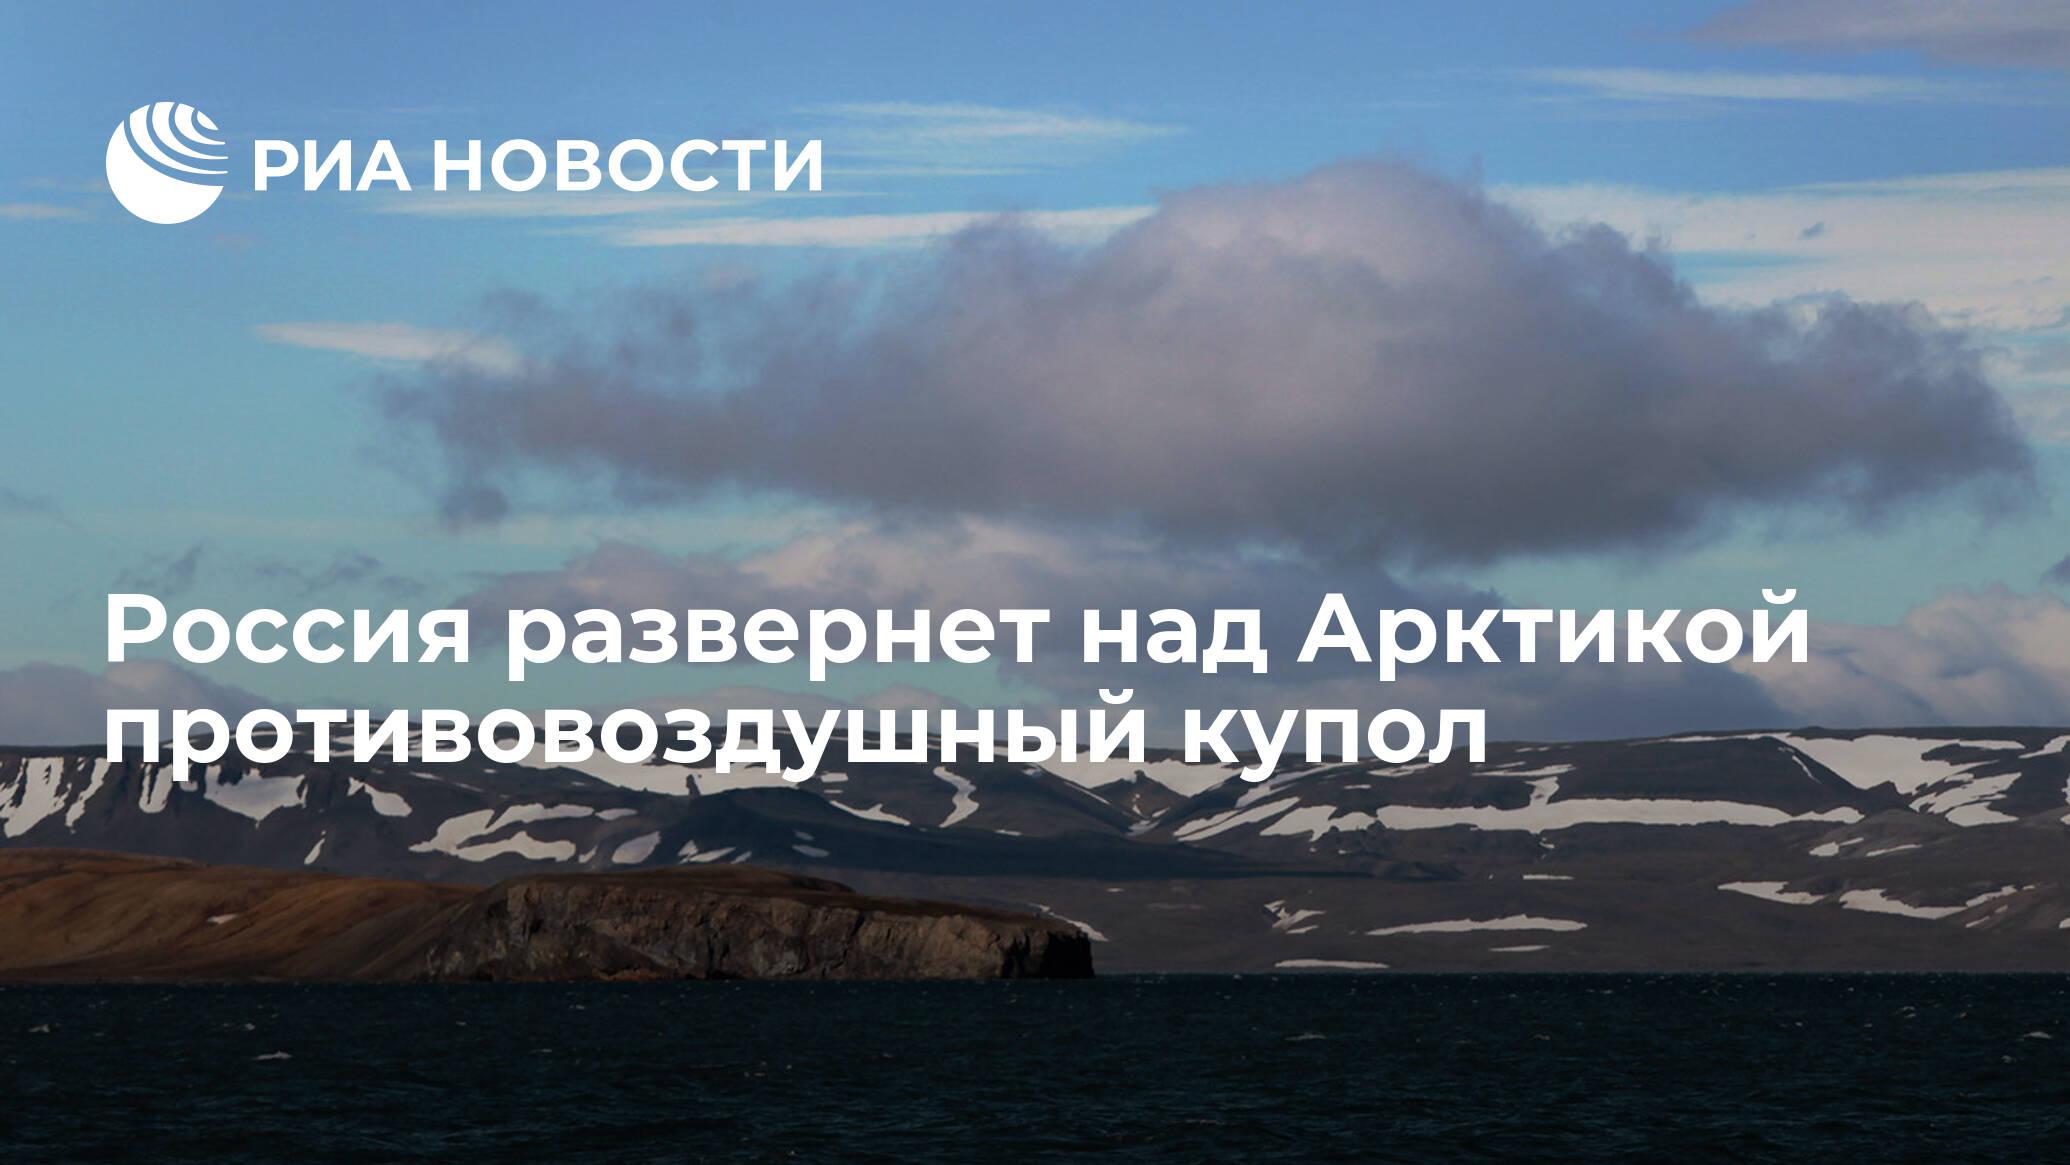 Россия развернет над Арктикой противовоздушный купол